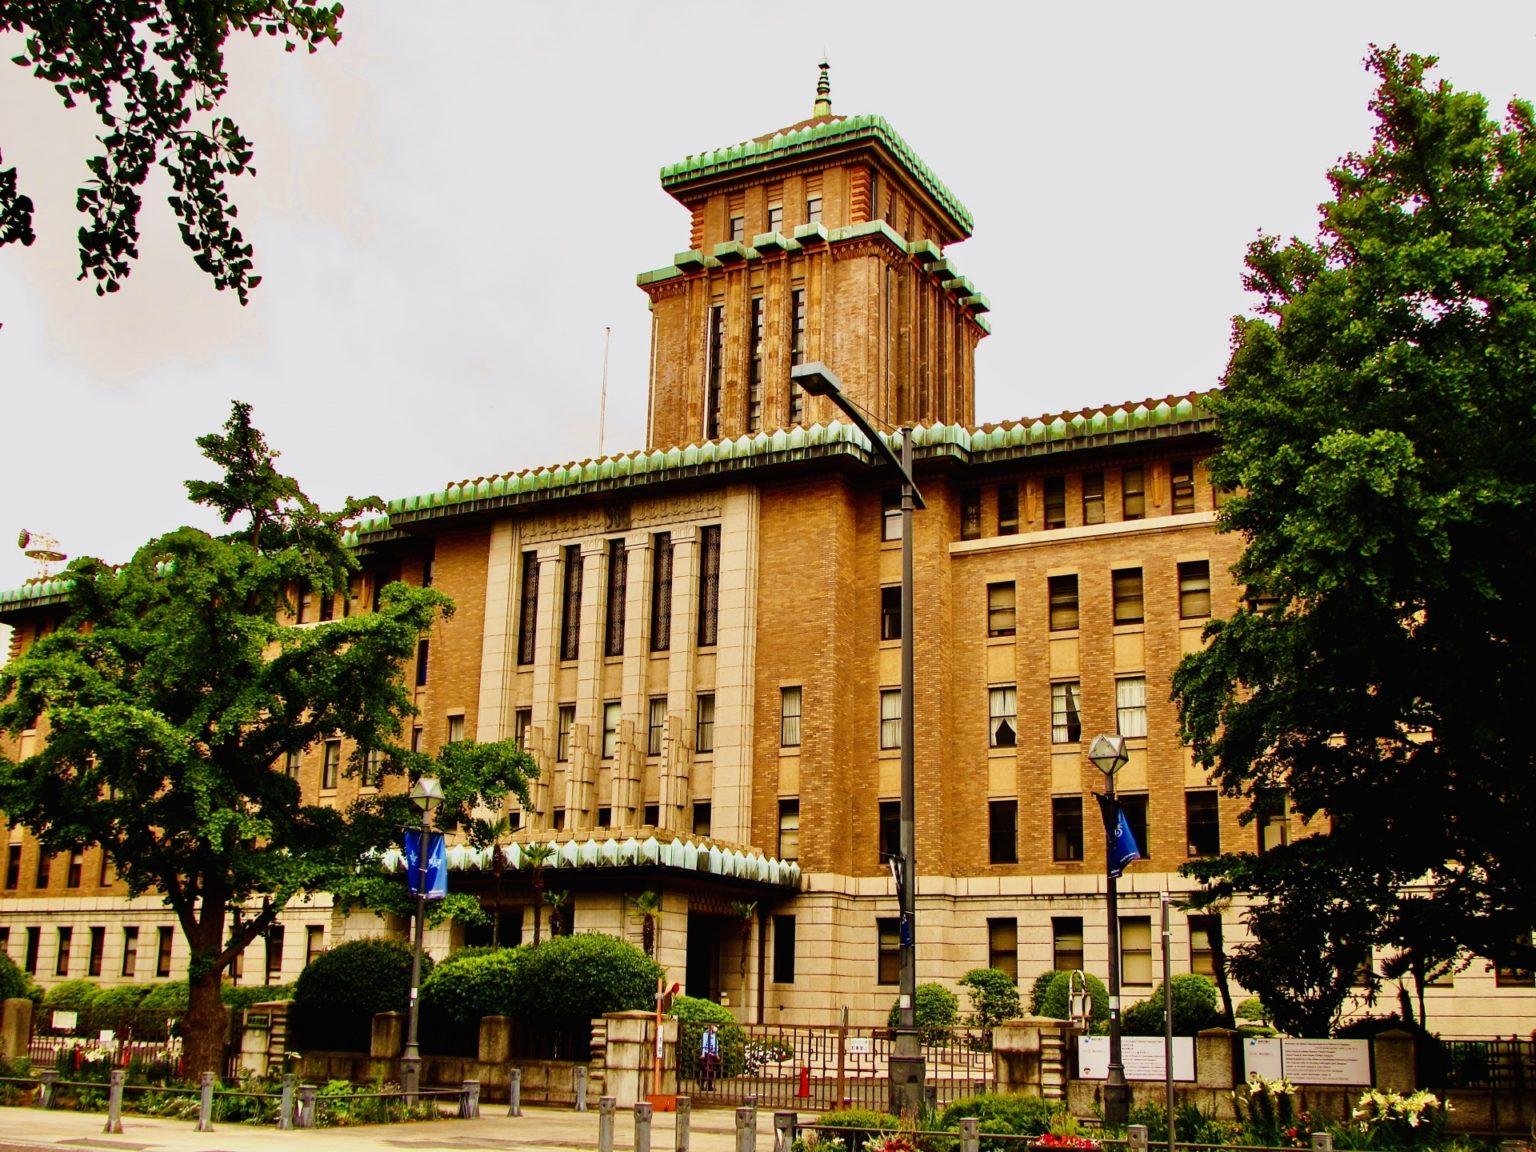 神奈川 県 コロナ 協力 金 新型コロナウイルス感染症拡大防止協力金(第4弾)について